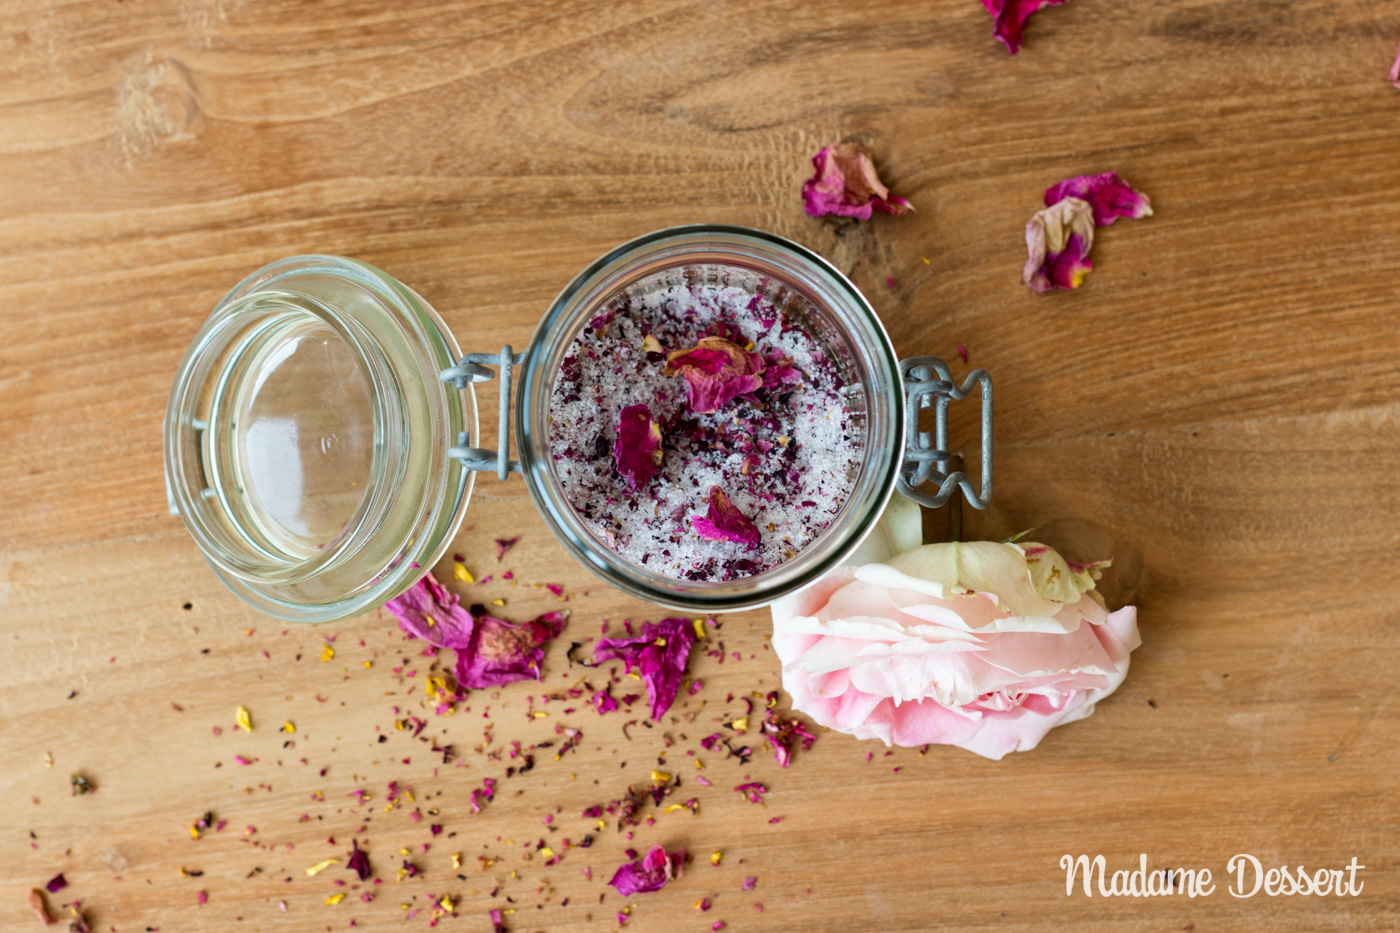 Rosenzucker | Madame Dessert